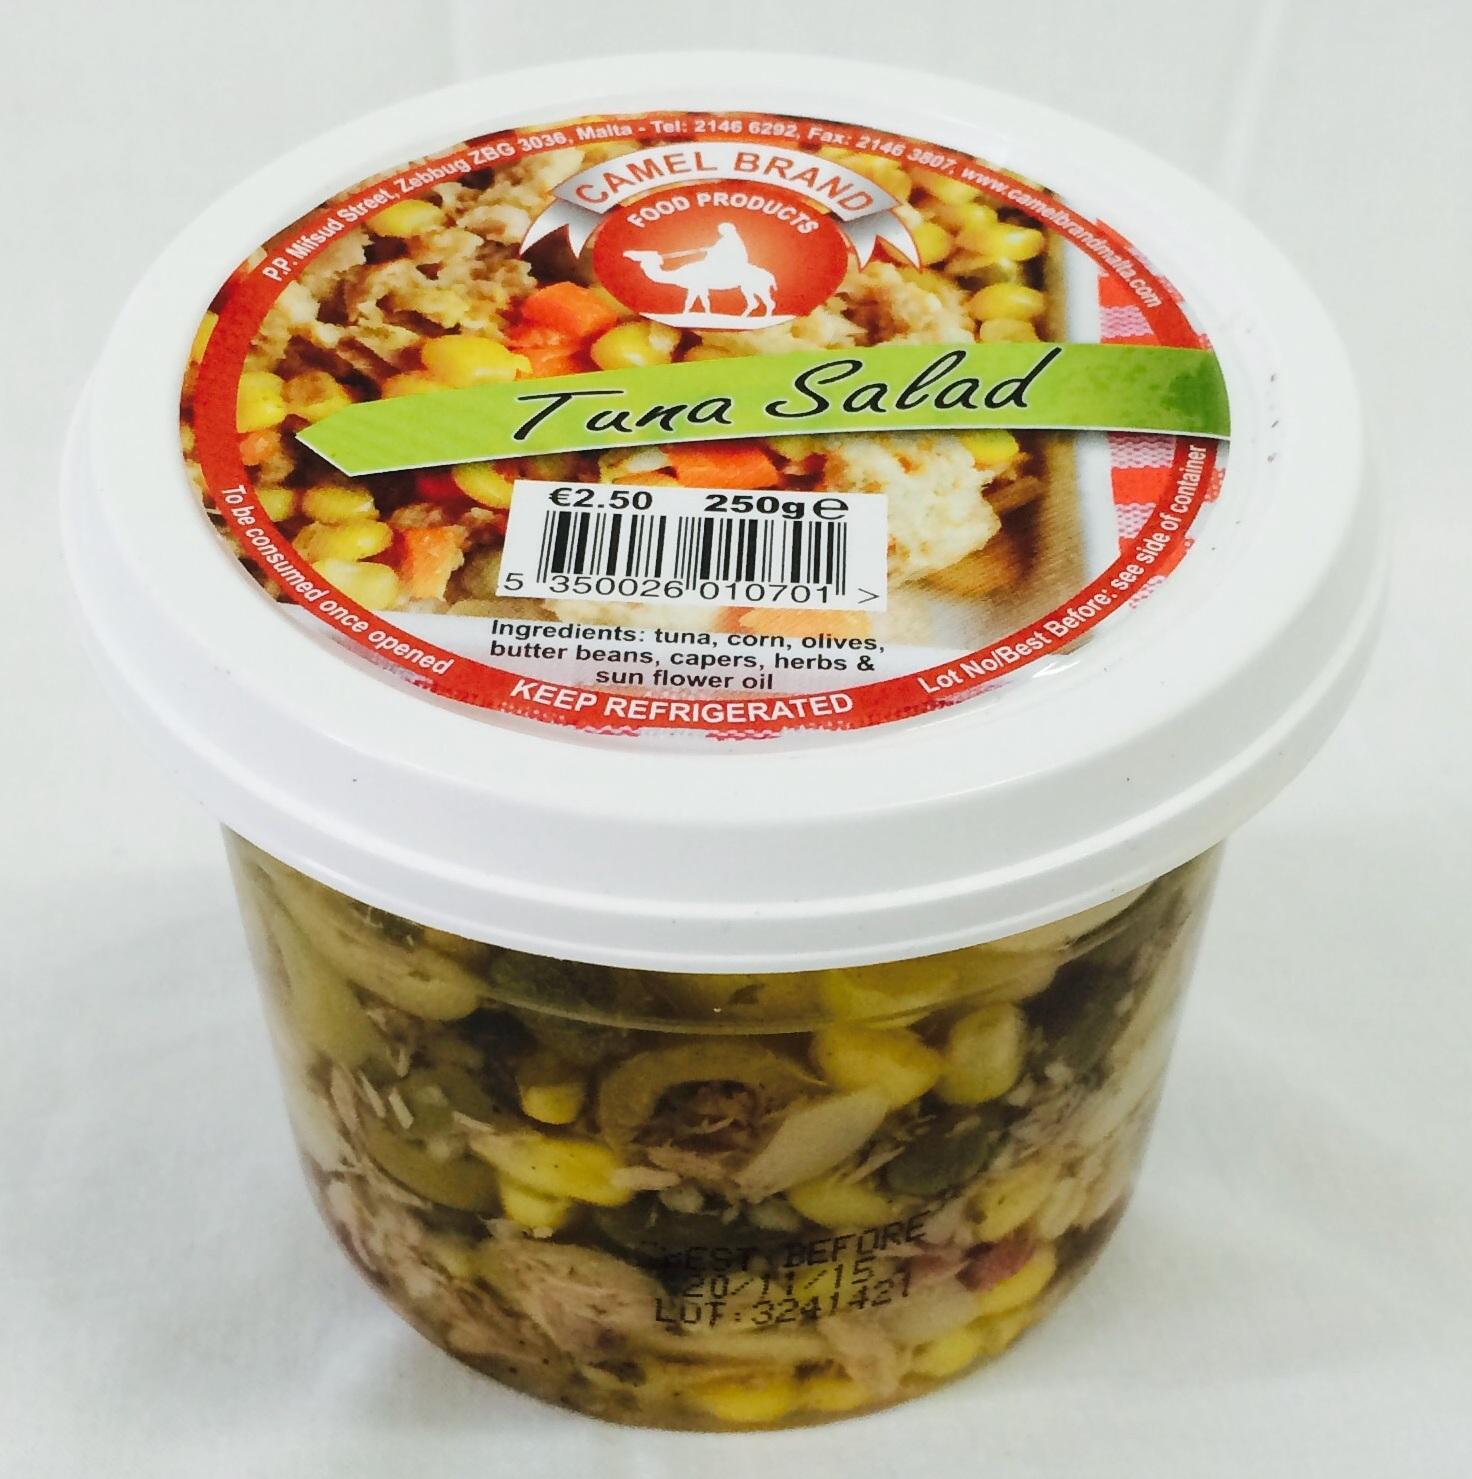 Camel Brand Tuna Salad